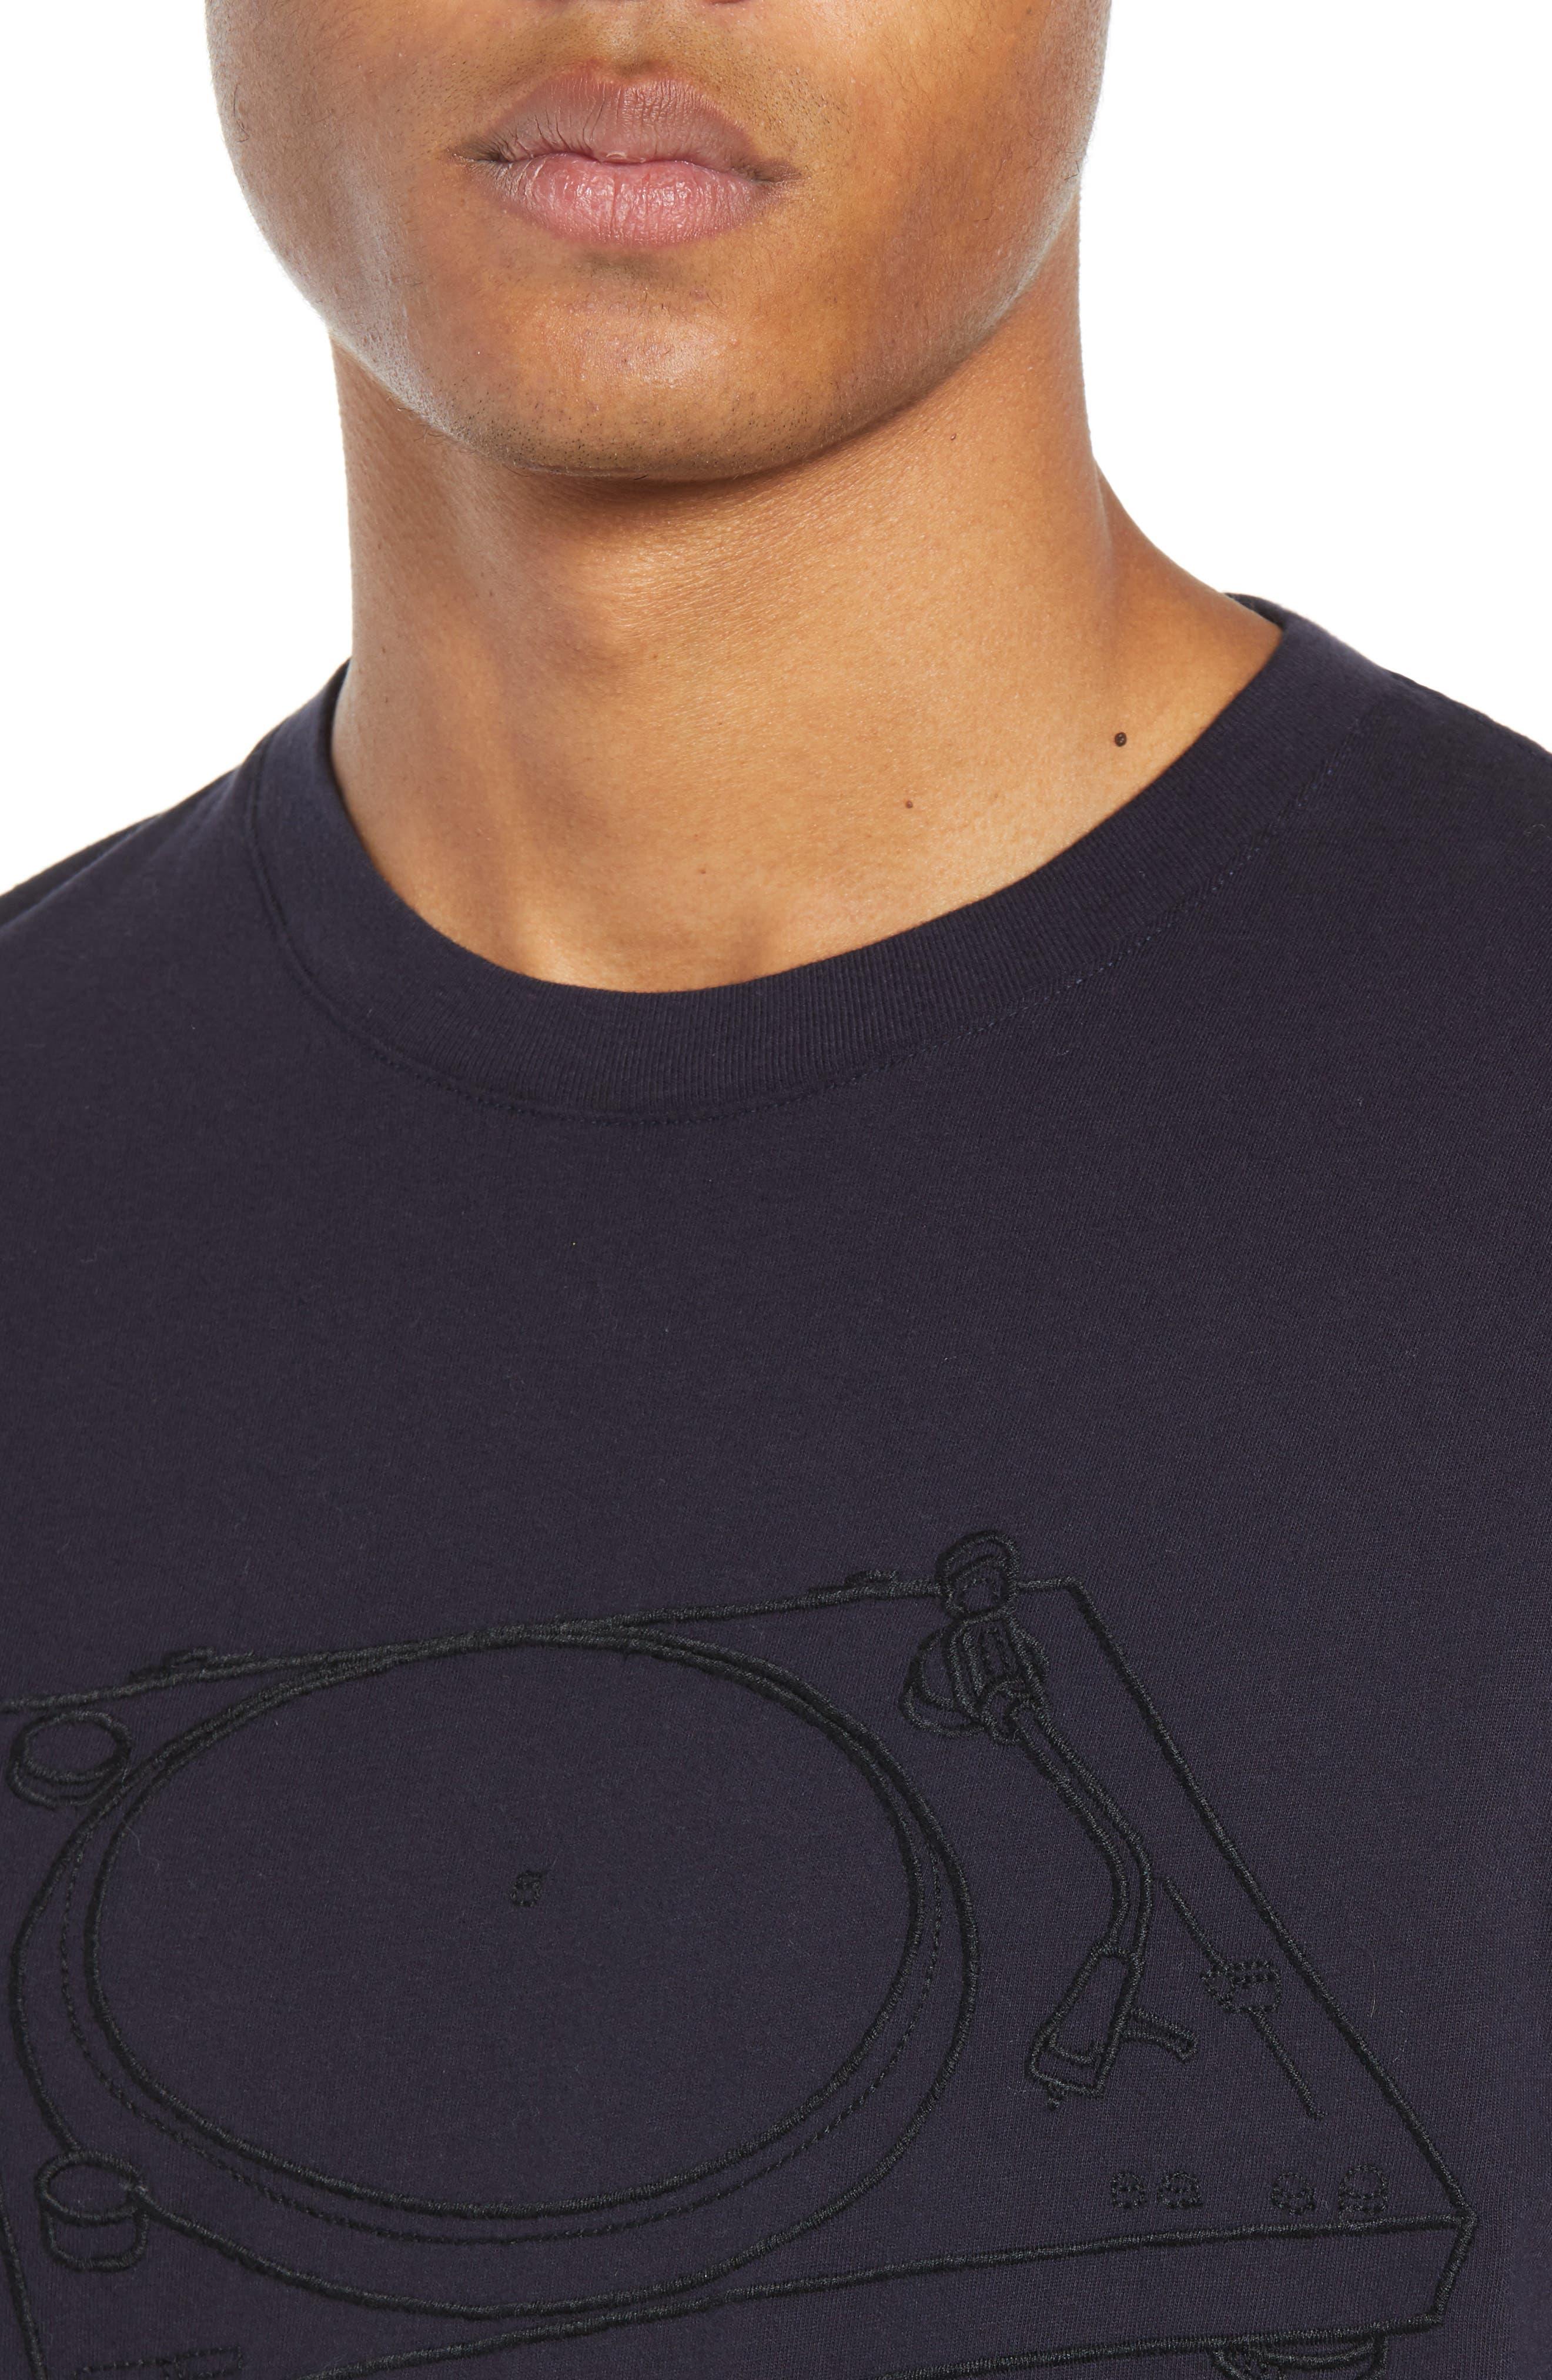 Decks Regular Fit Cotton T-Shirt,                             Alternate thumbnail 4, color,                             UTILITY BLUE BLACK